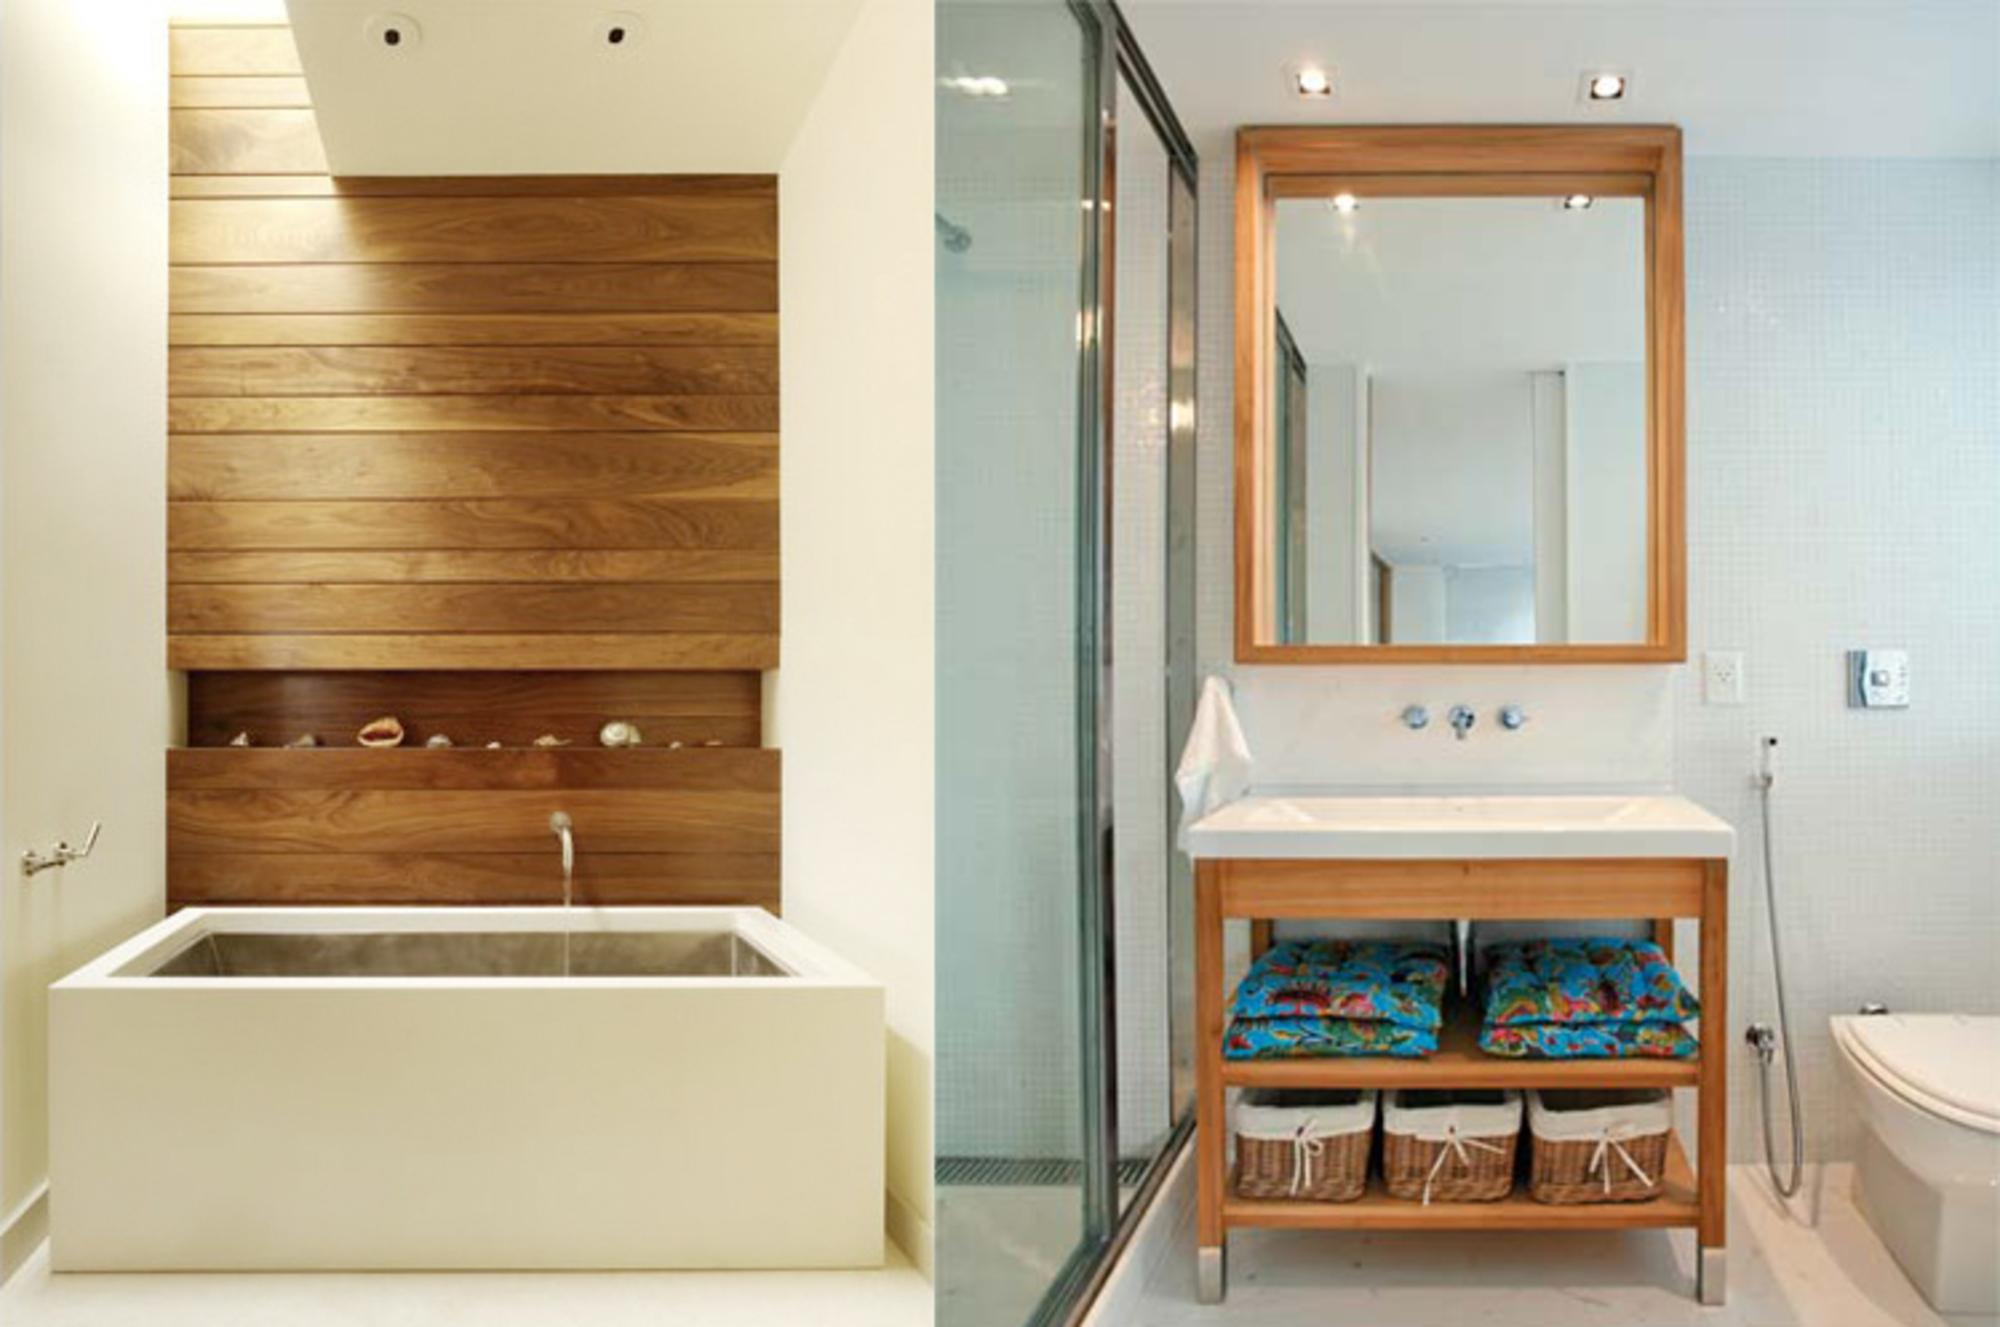 DECORAÇAO DE BANHEIROS COM MADEIRA Casa de Valentina #764720 2000x1327 Banheiro Apartamento Decoração